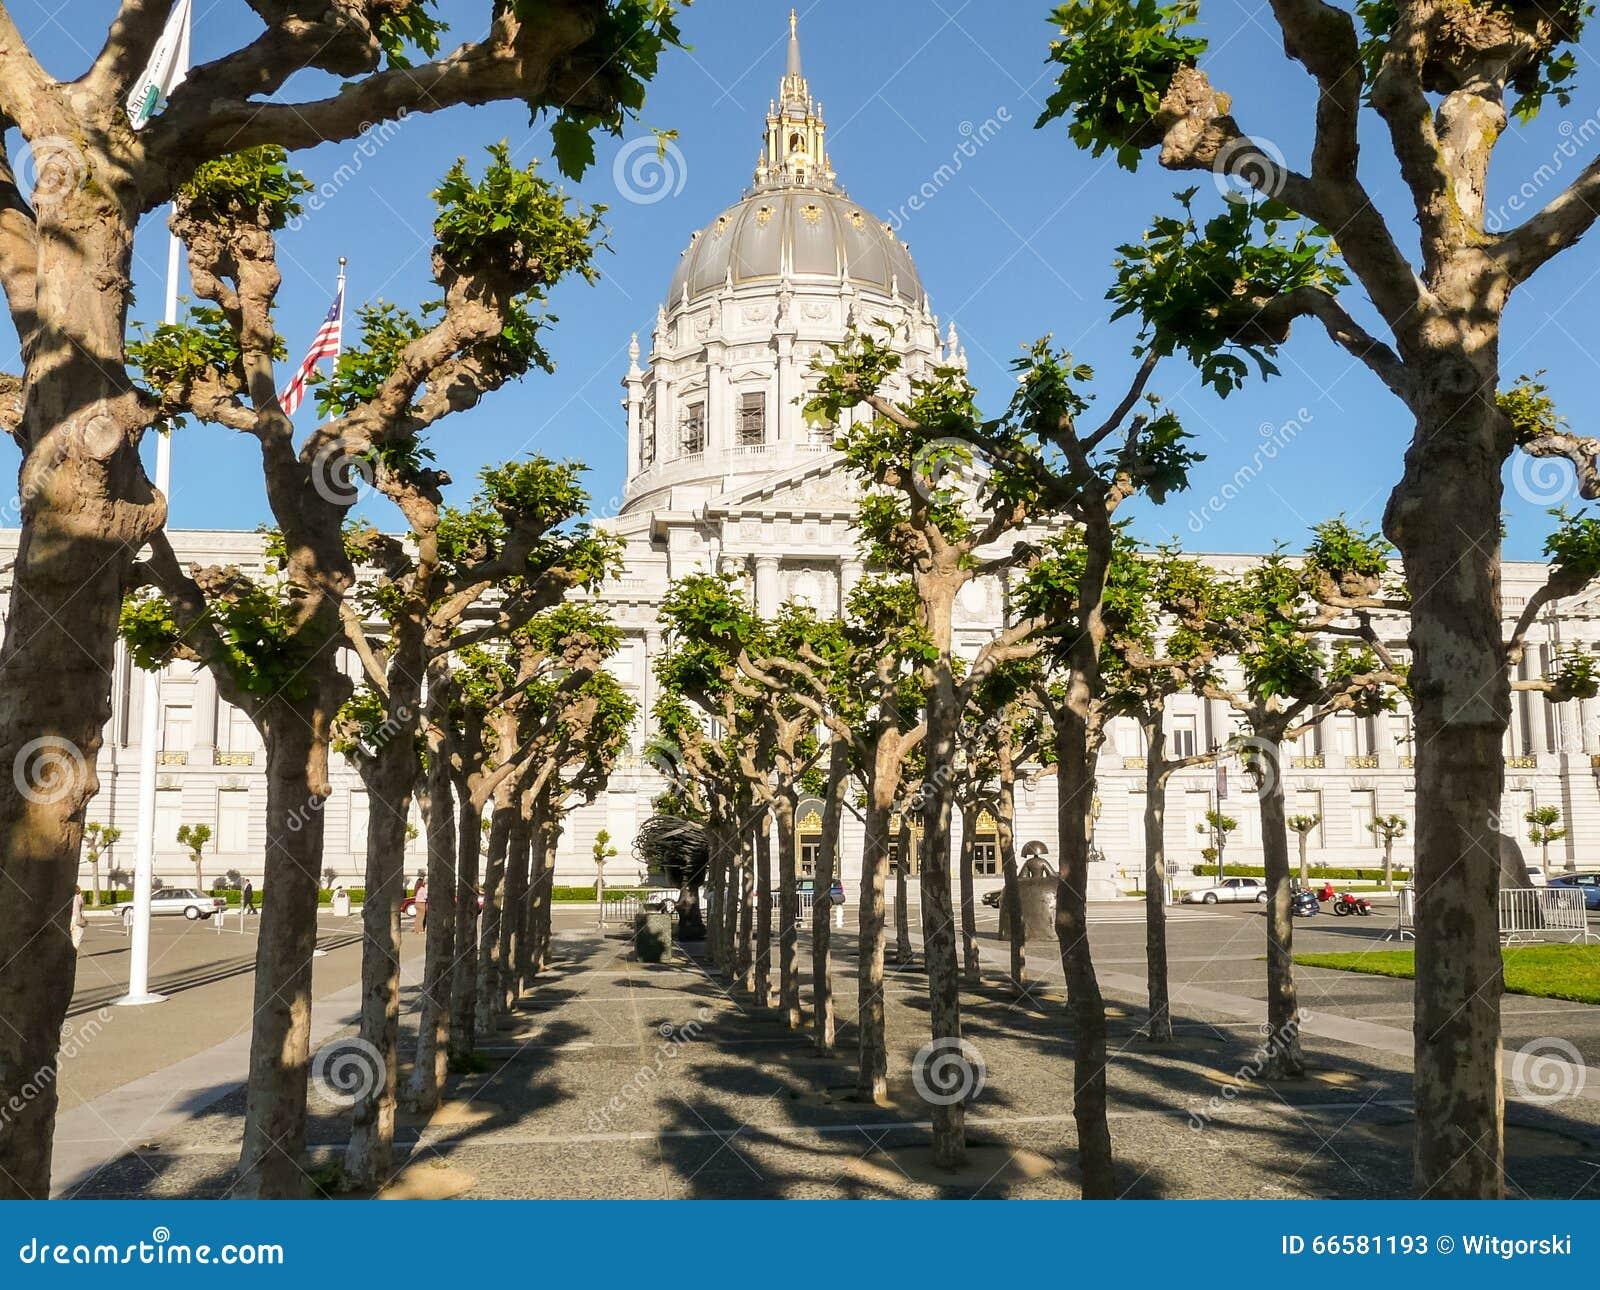 San Francisco City Hall During Christmas Royalty Free ...  San Francisco City Hall Trees